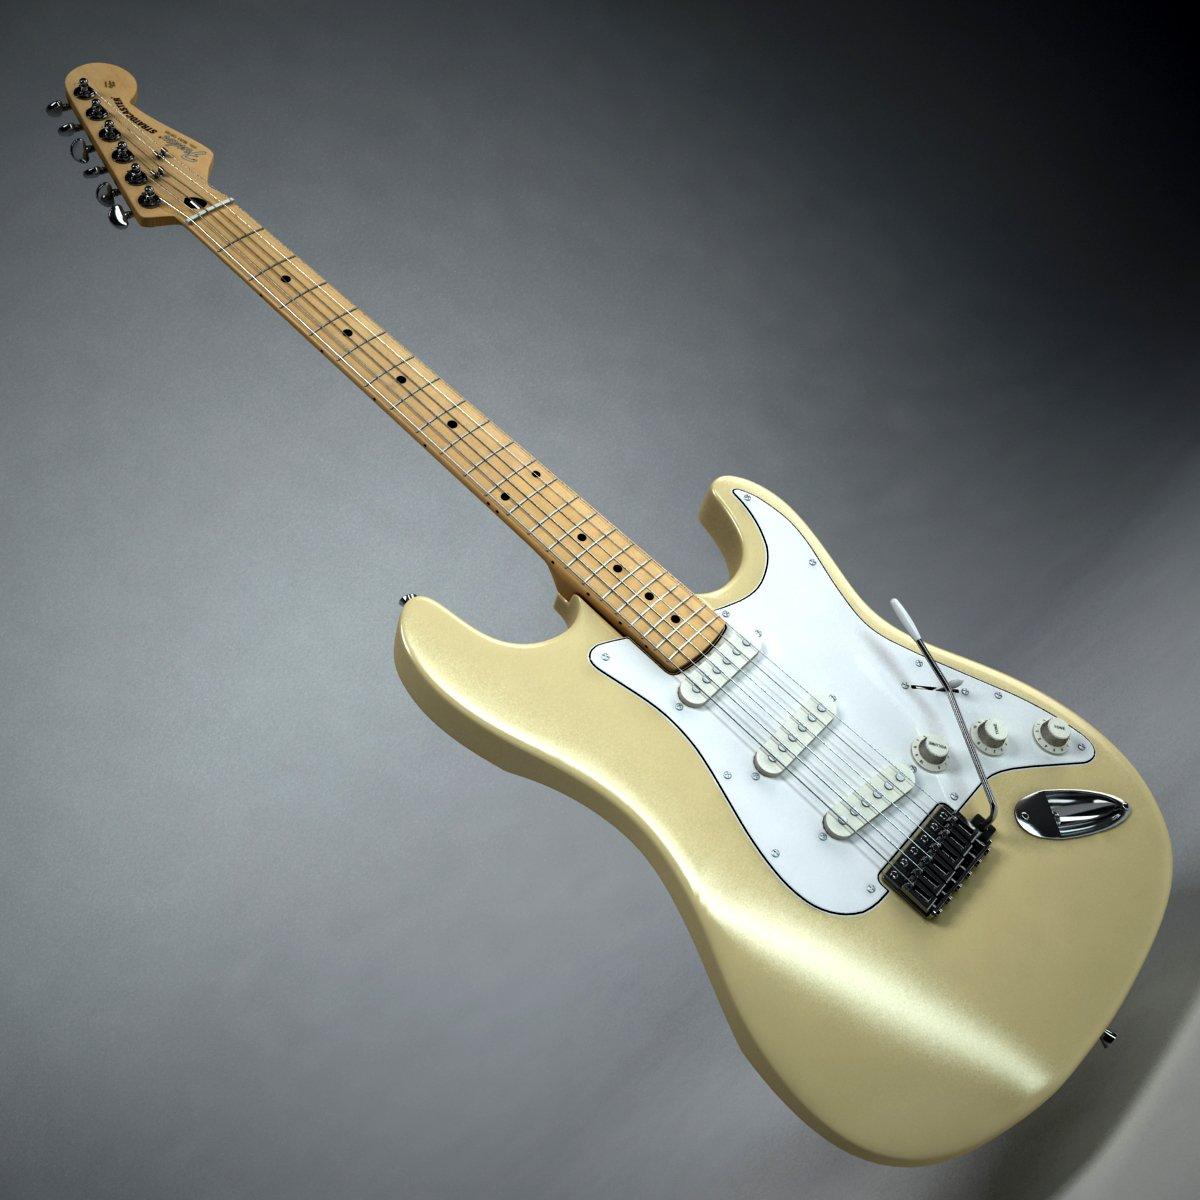 Fender Stratocaster Vintage White 3D Model